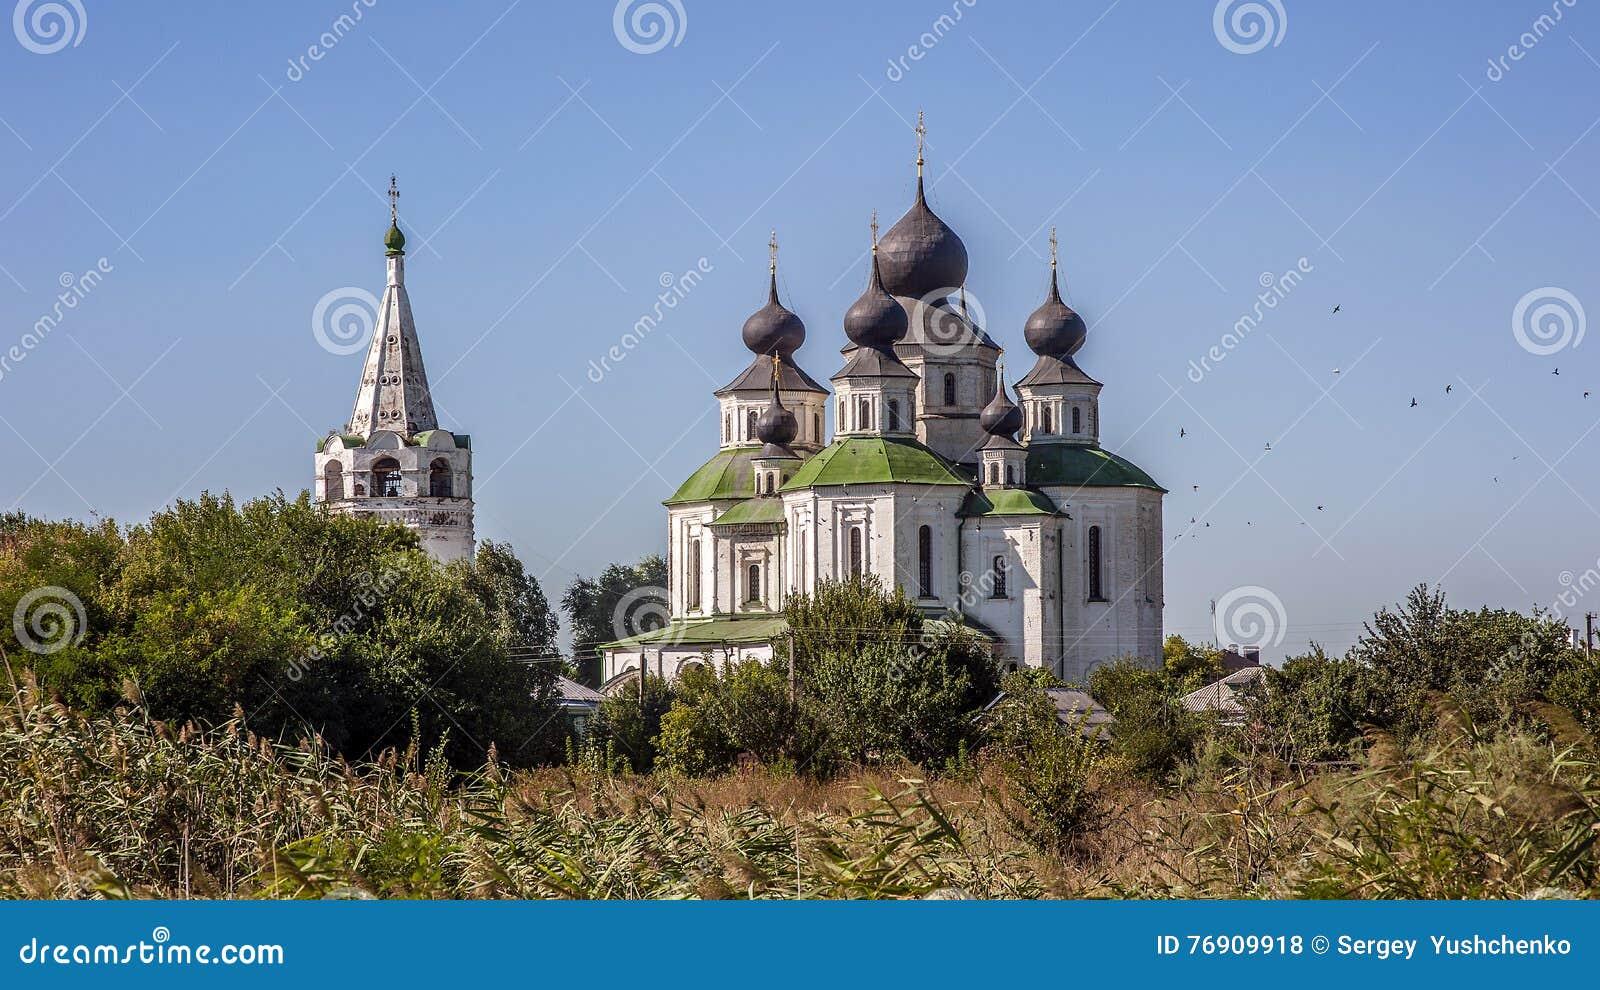 Rusland, Starocherkassk, het eerste kapitaal van Don Cossacks